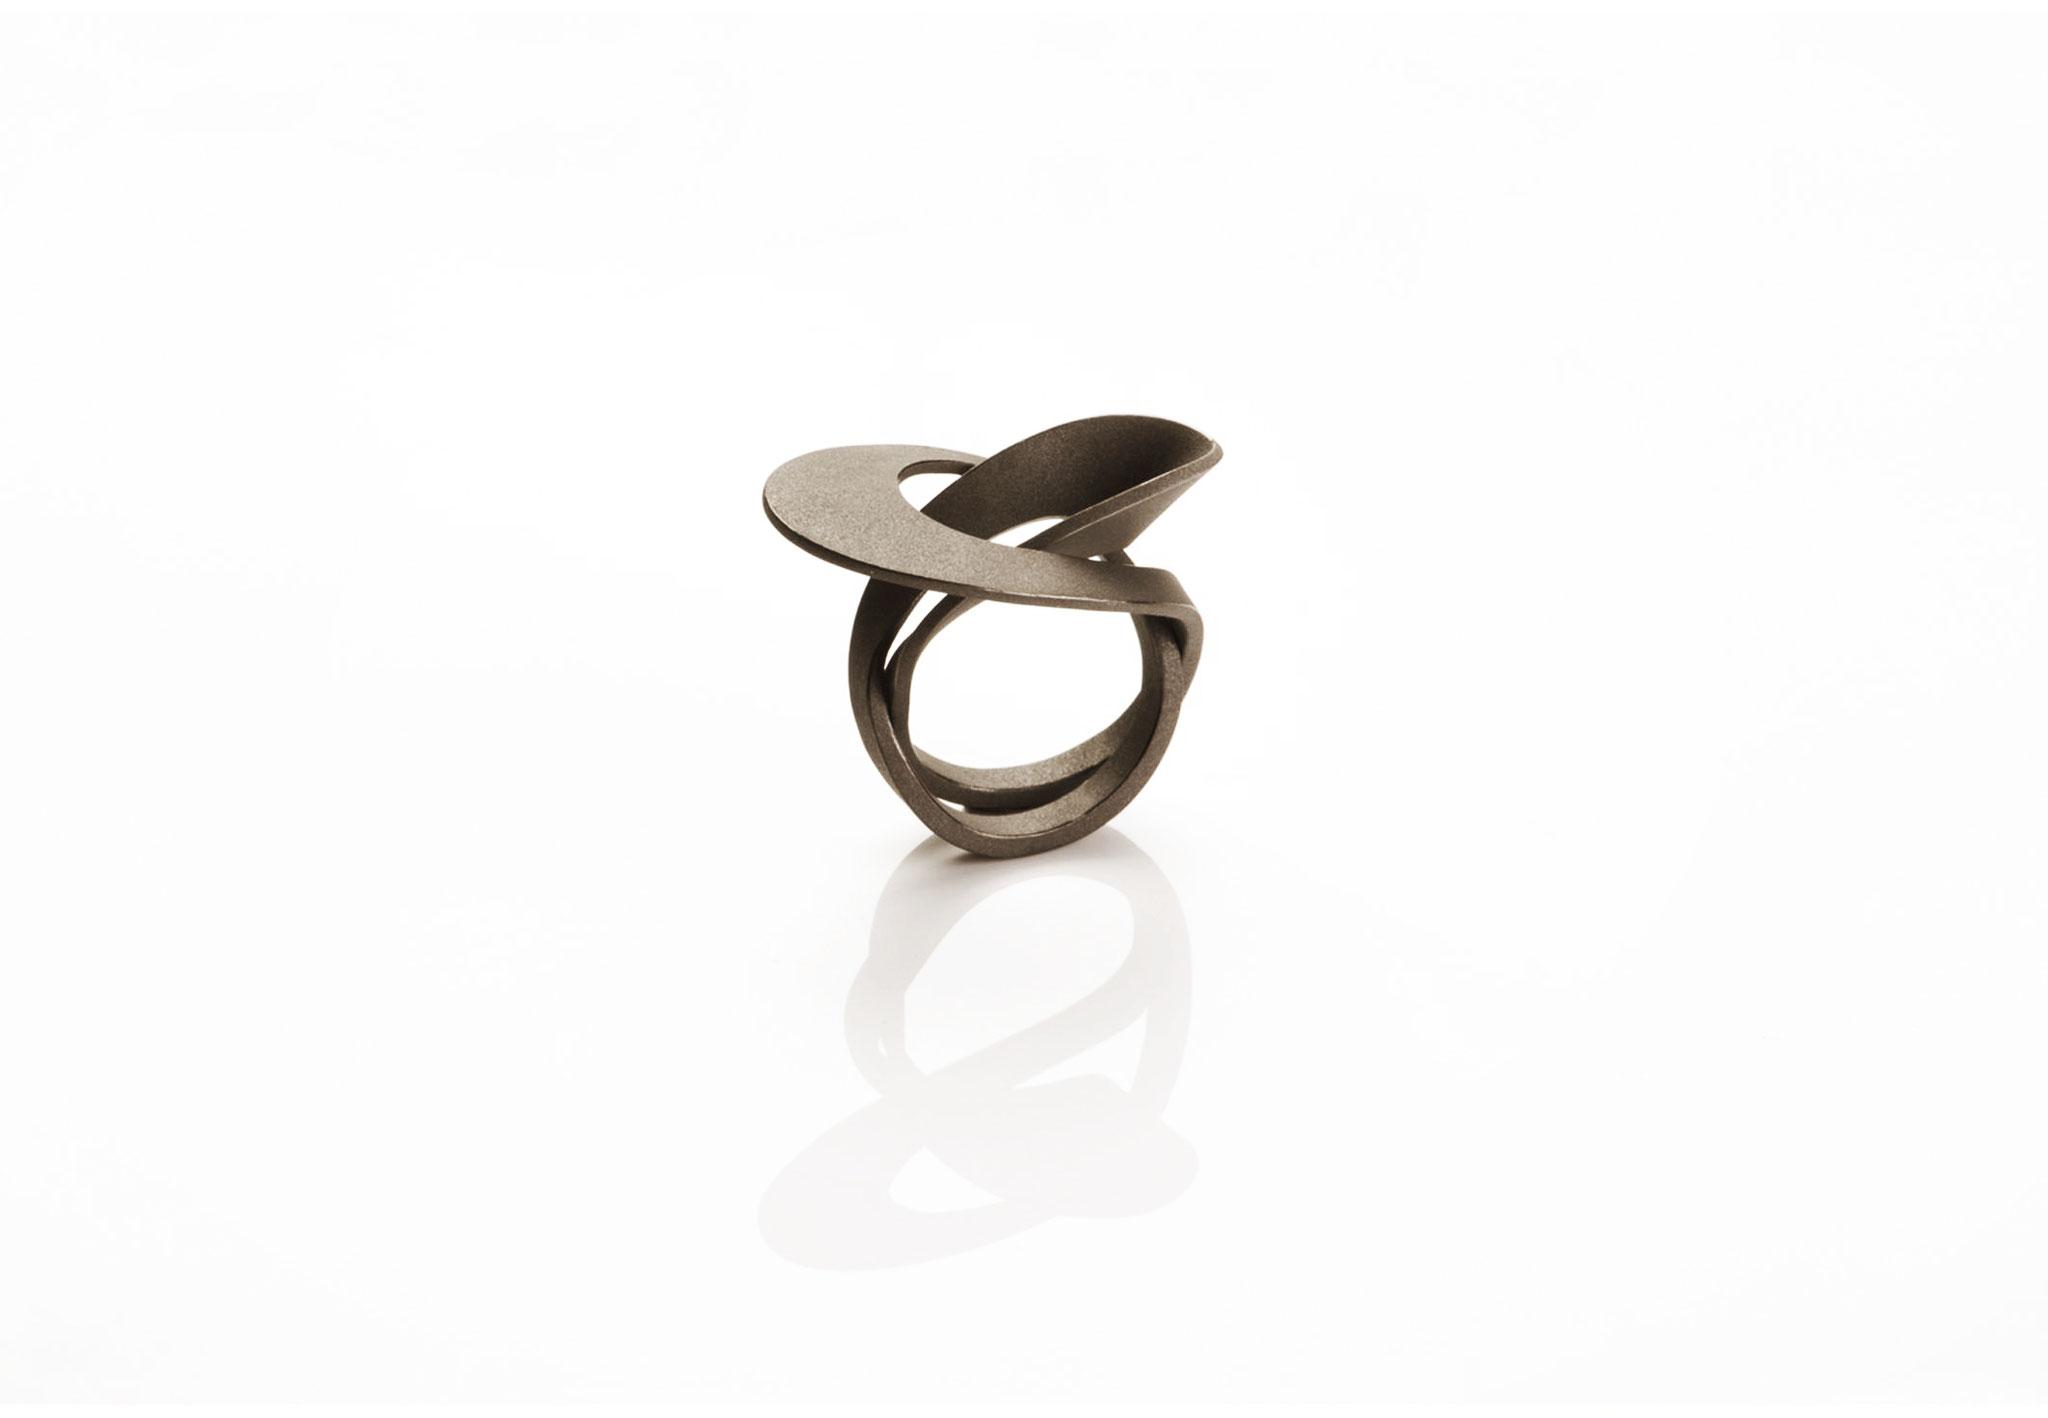 Wendepunkt Ring M5, 925/- Silber, schwarz-rhodiniert